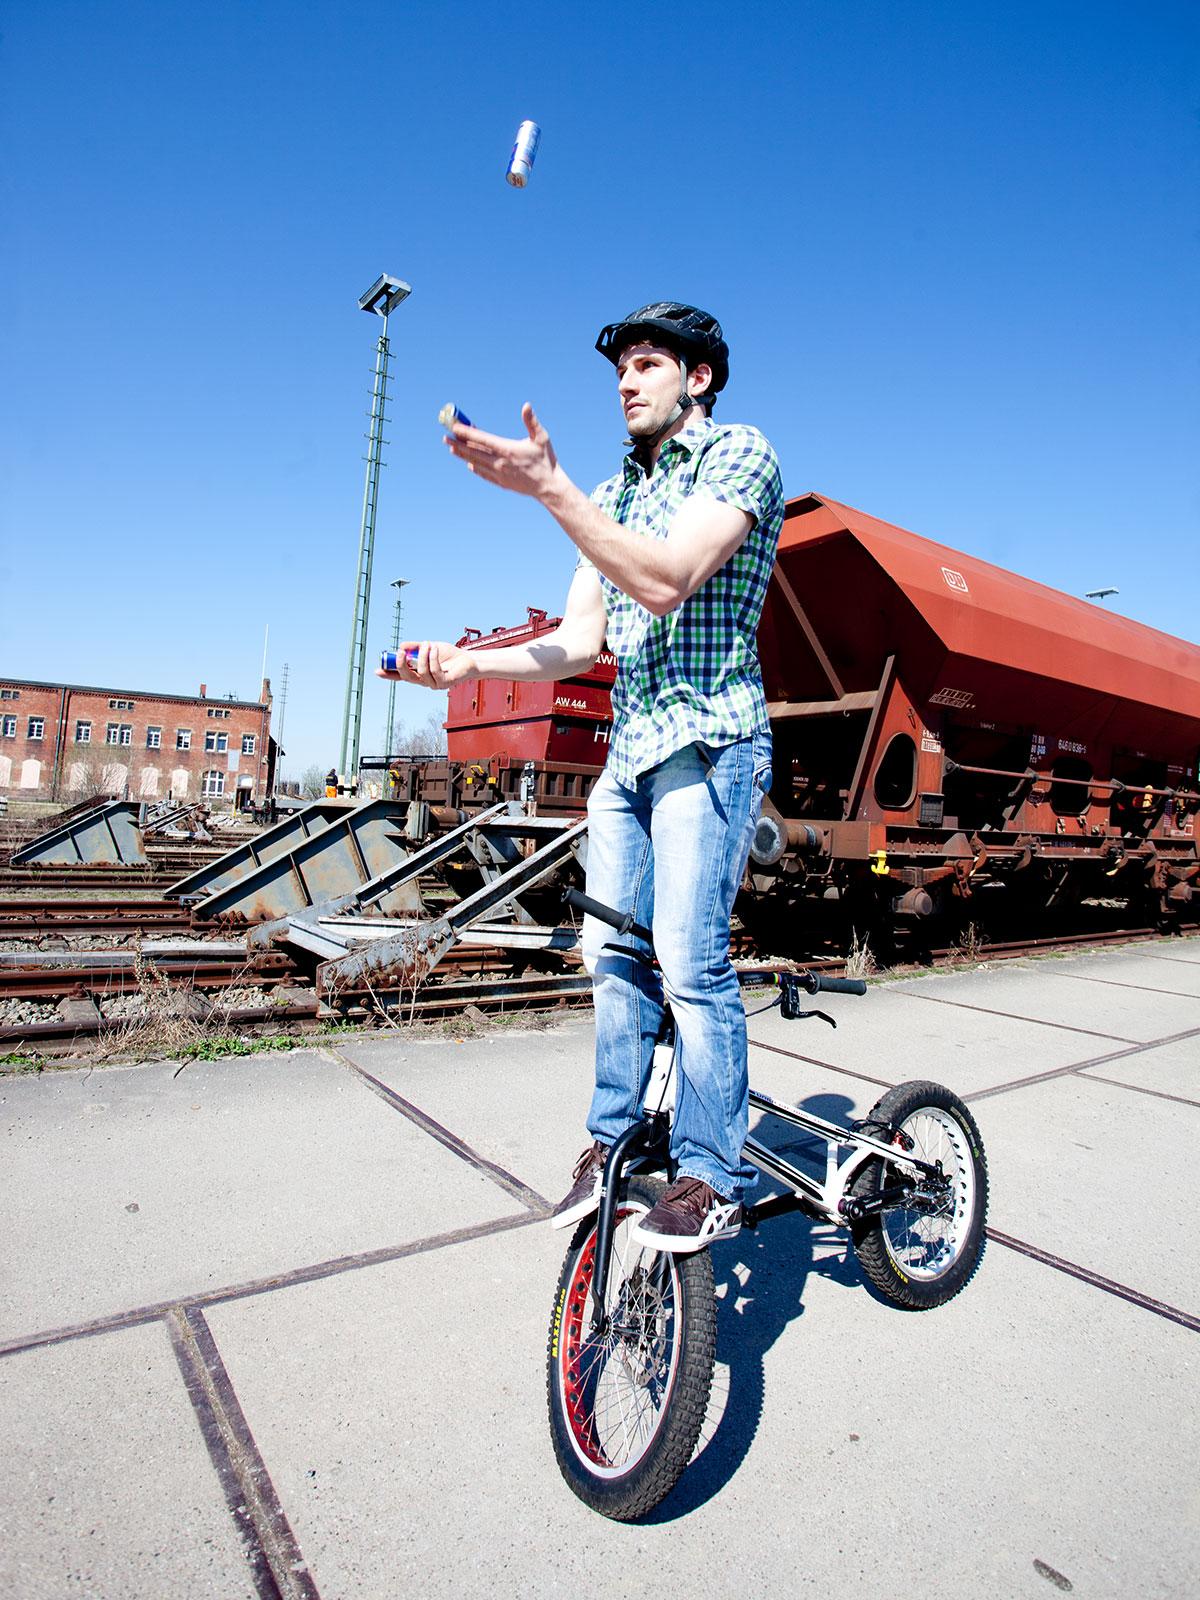 daniel-rall-bike-artist-hornberg-show-bike-fun-show